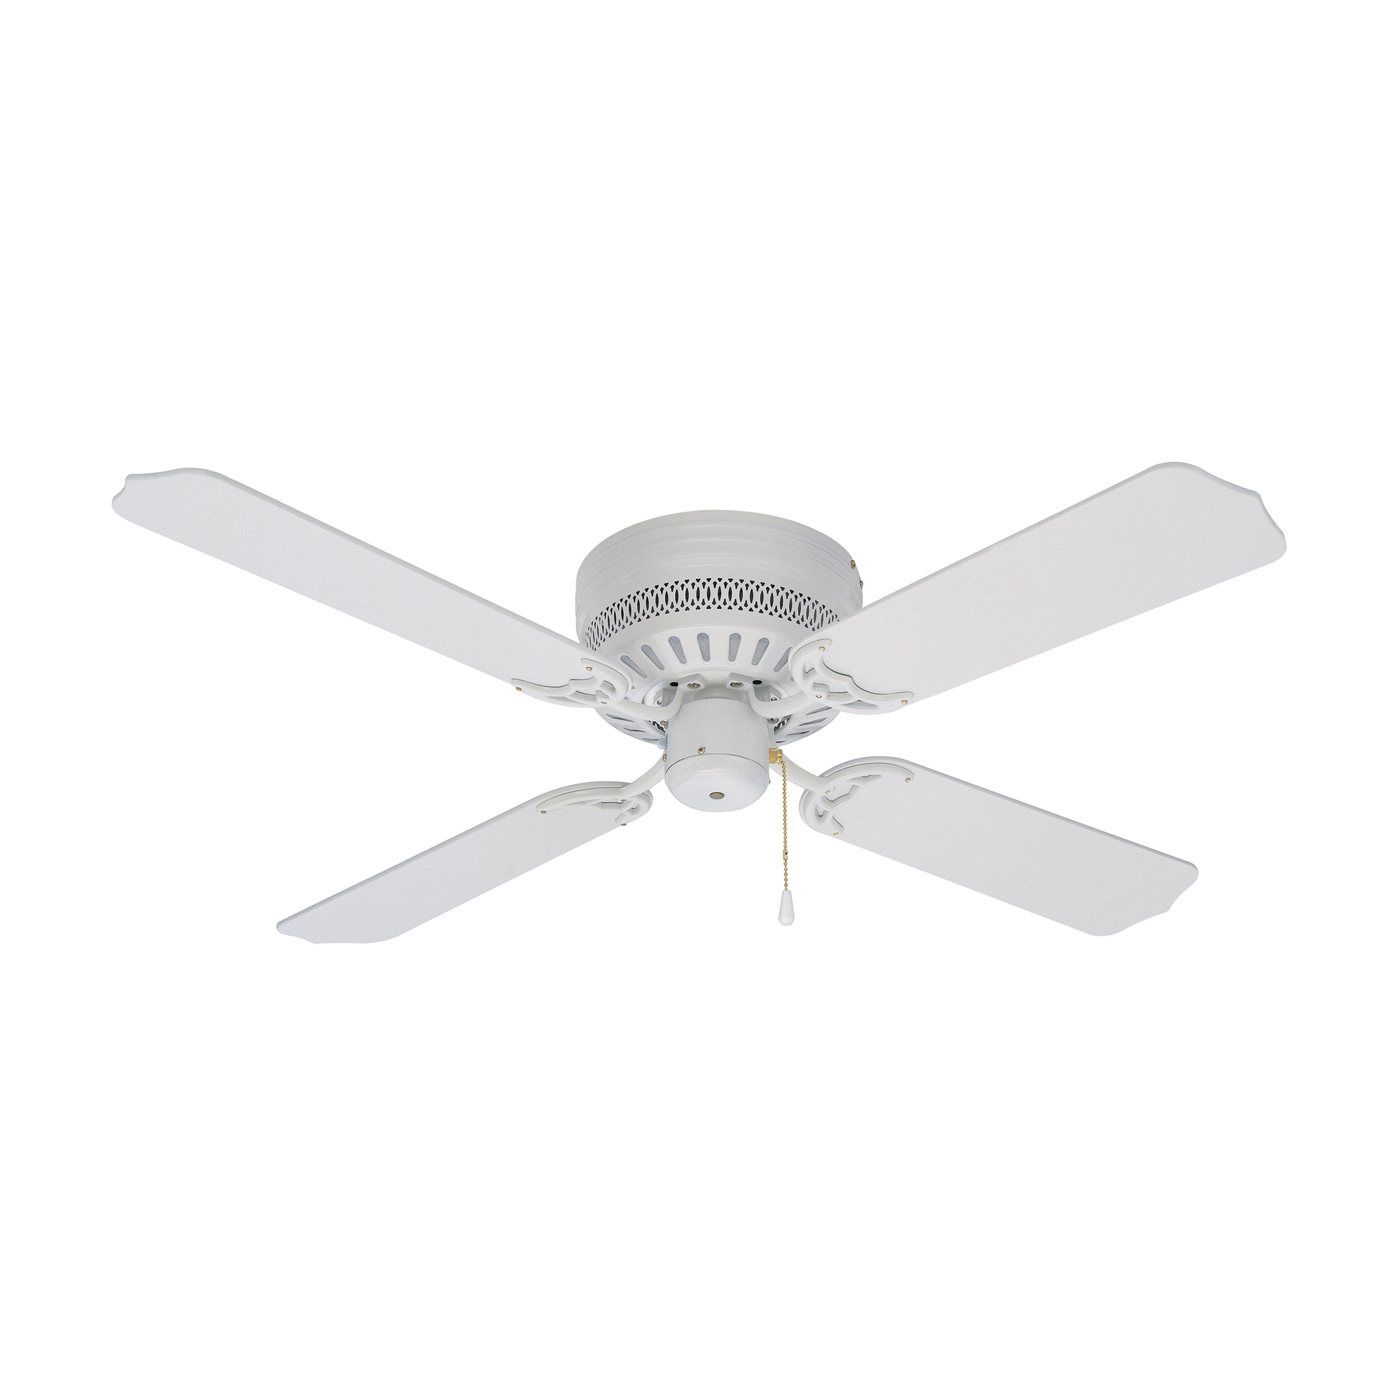 Shop Litex Cci42ww4 42 In Celeste Flushmount Ceiling Fan At The